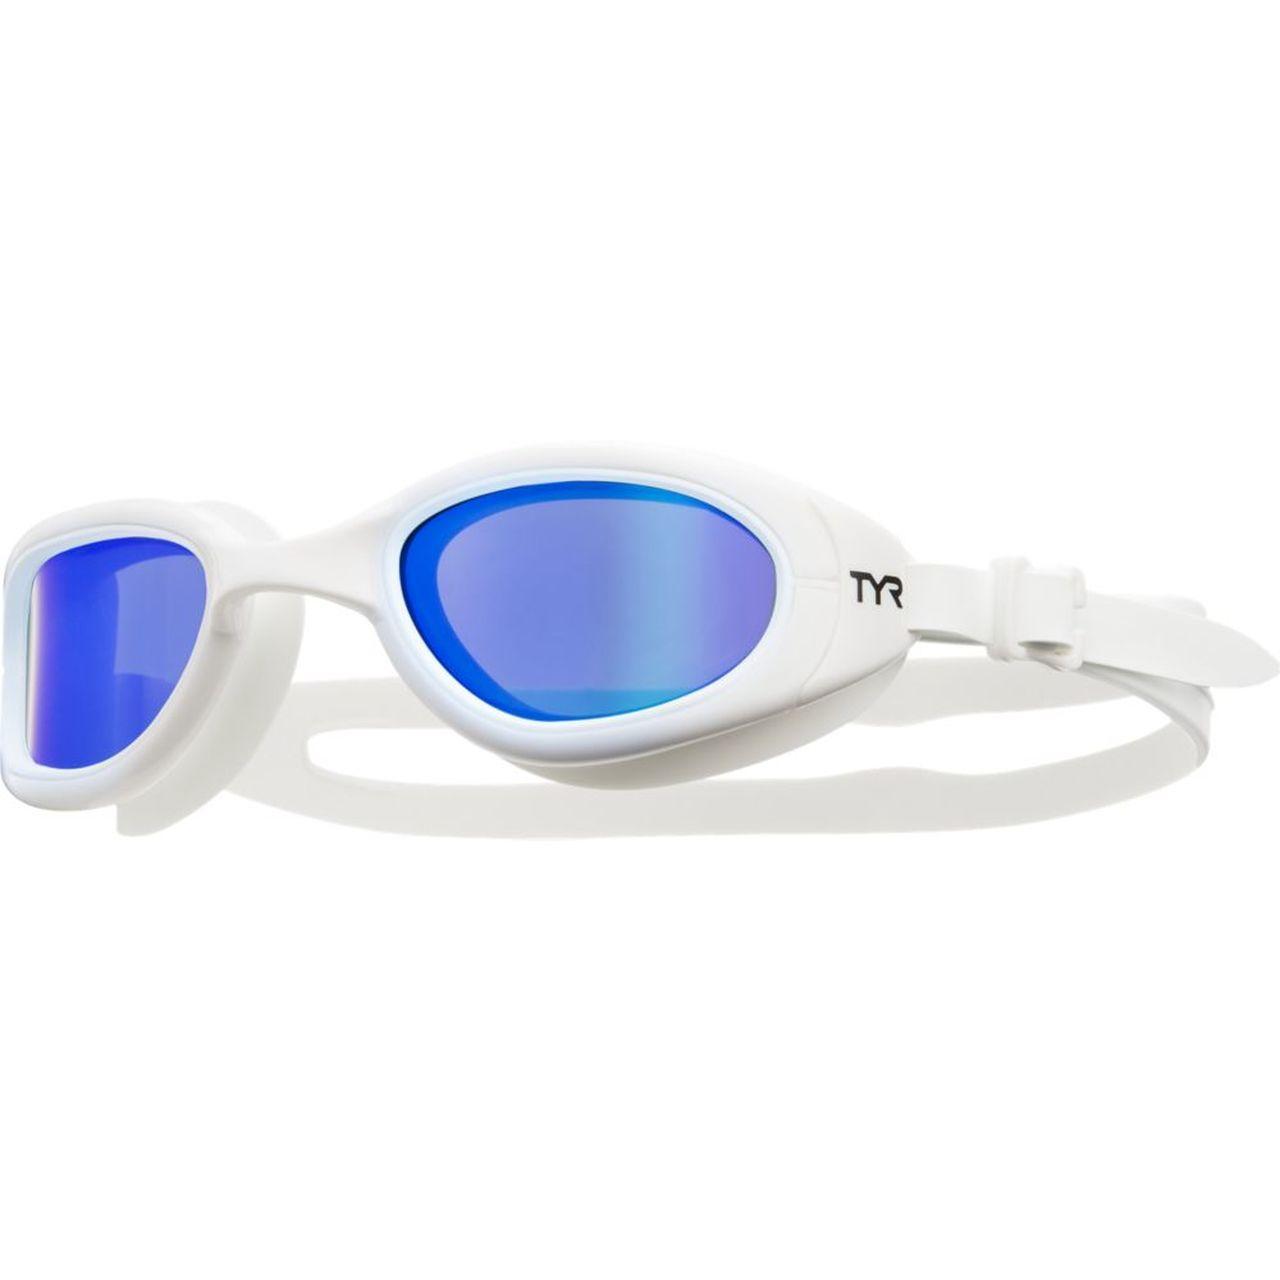 Тренировочные очки для плавания TYR Special Ops 2.0 Polarized 100